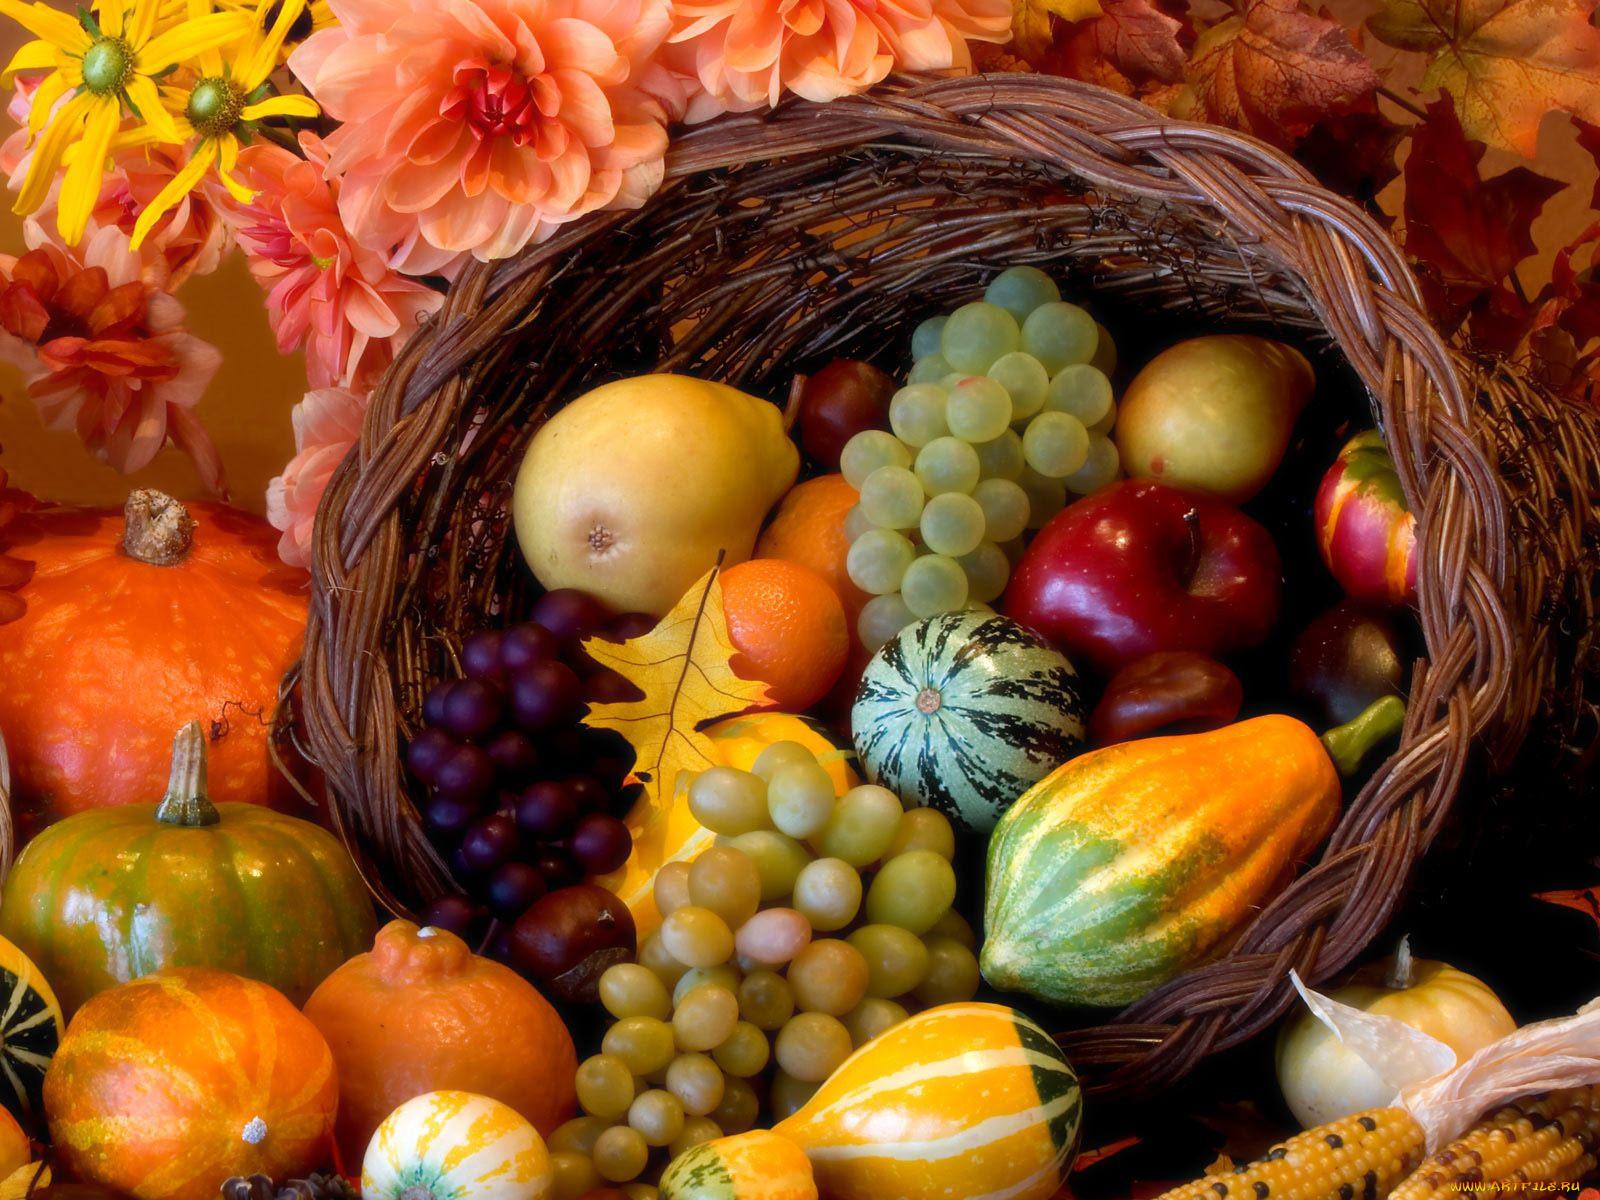 сугробы осень картинки фрукты и овощи для выключить мелодию